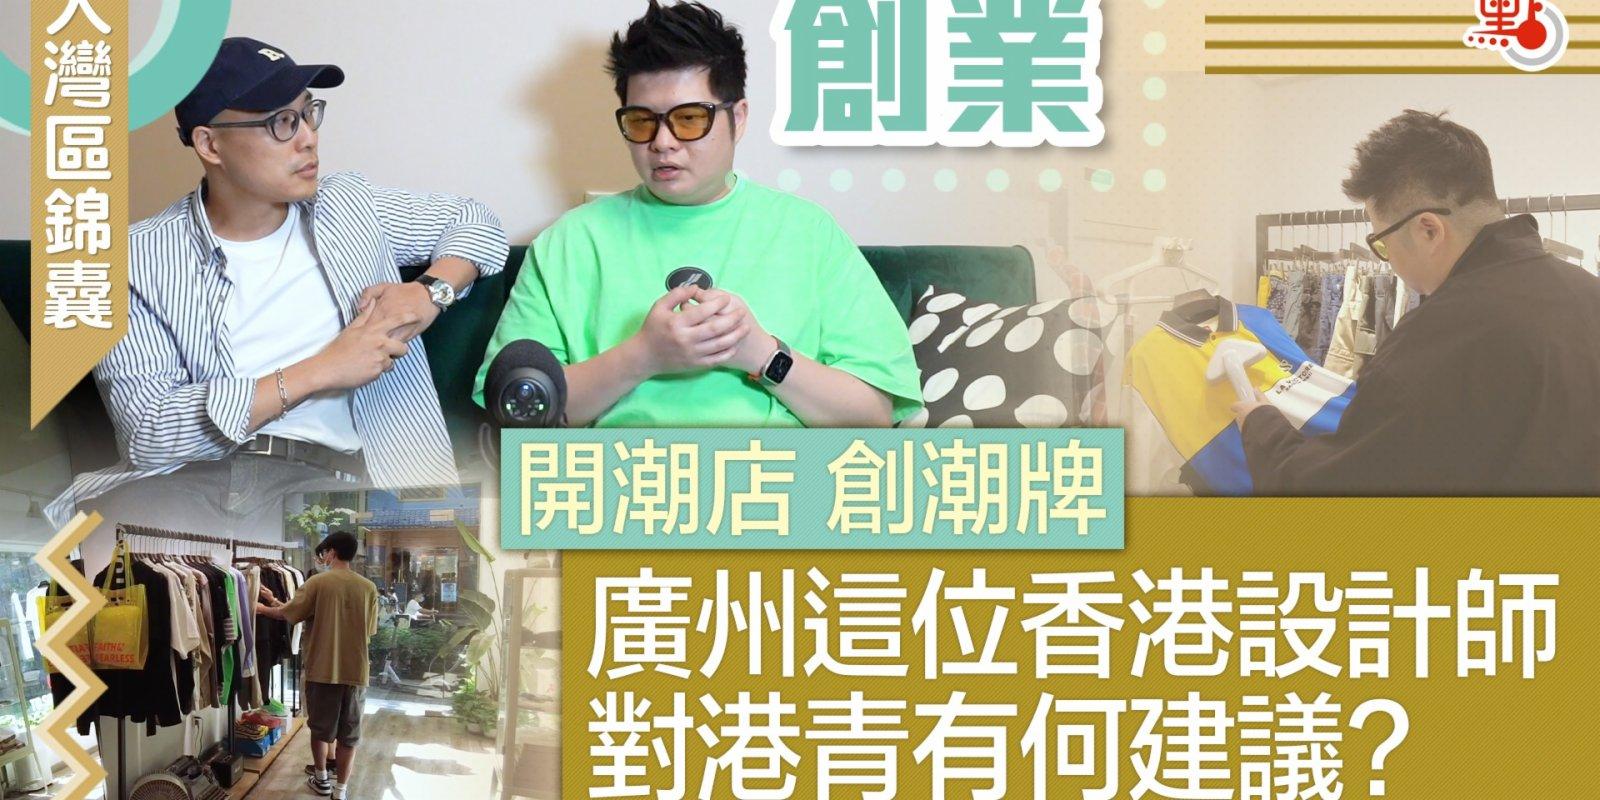 大灣區錦囊·創業|開潮店 創潮牌 廣州這位香港設計師對港青有何建議?